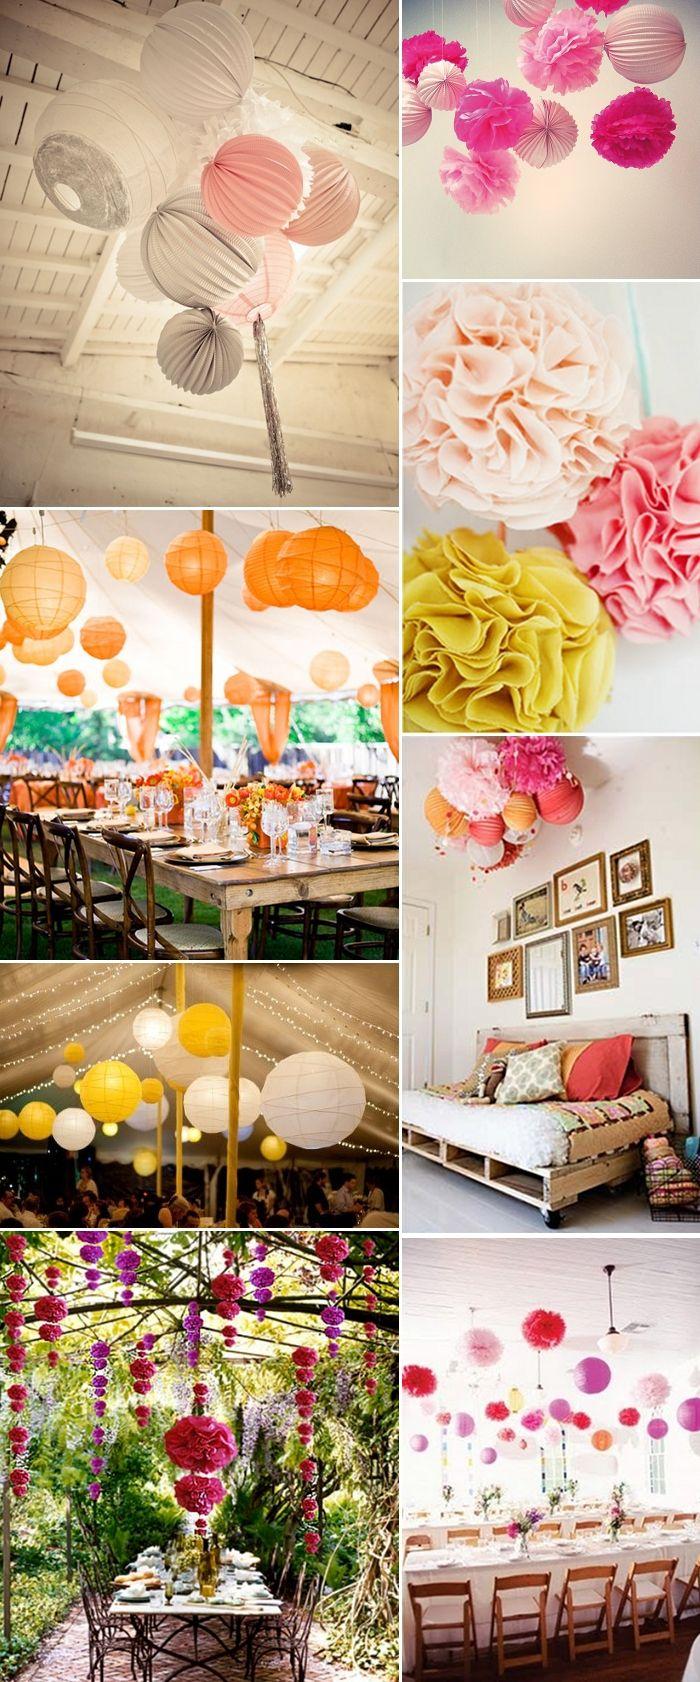 #Pompones para adornar #fiestas y #bodas http://www.airedefiesta.com/list.aspx?np=3=669=1627=1==